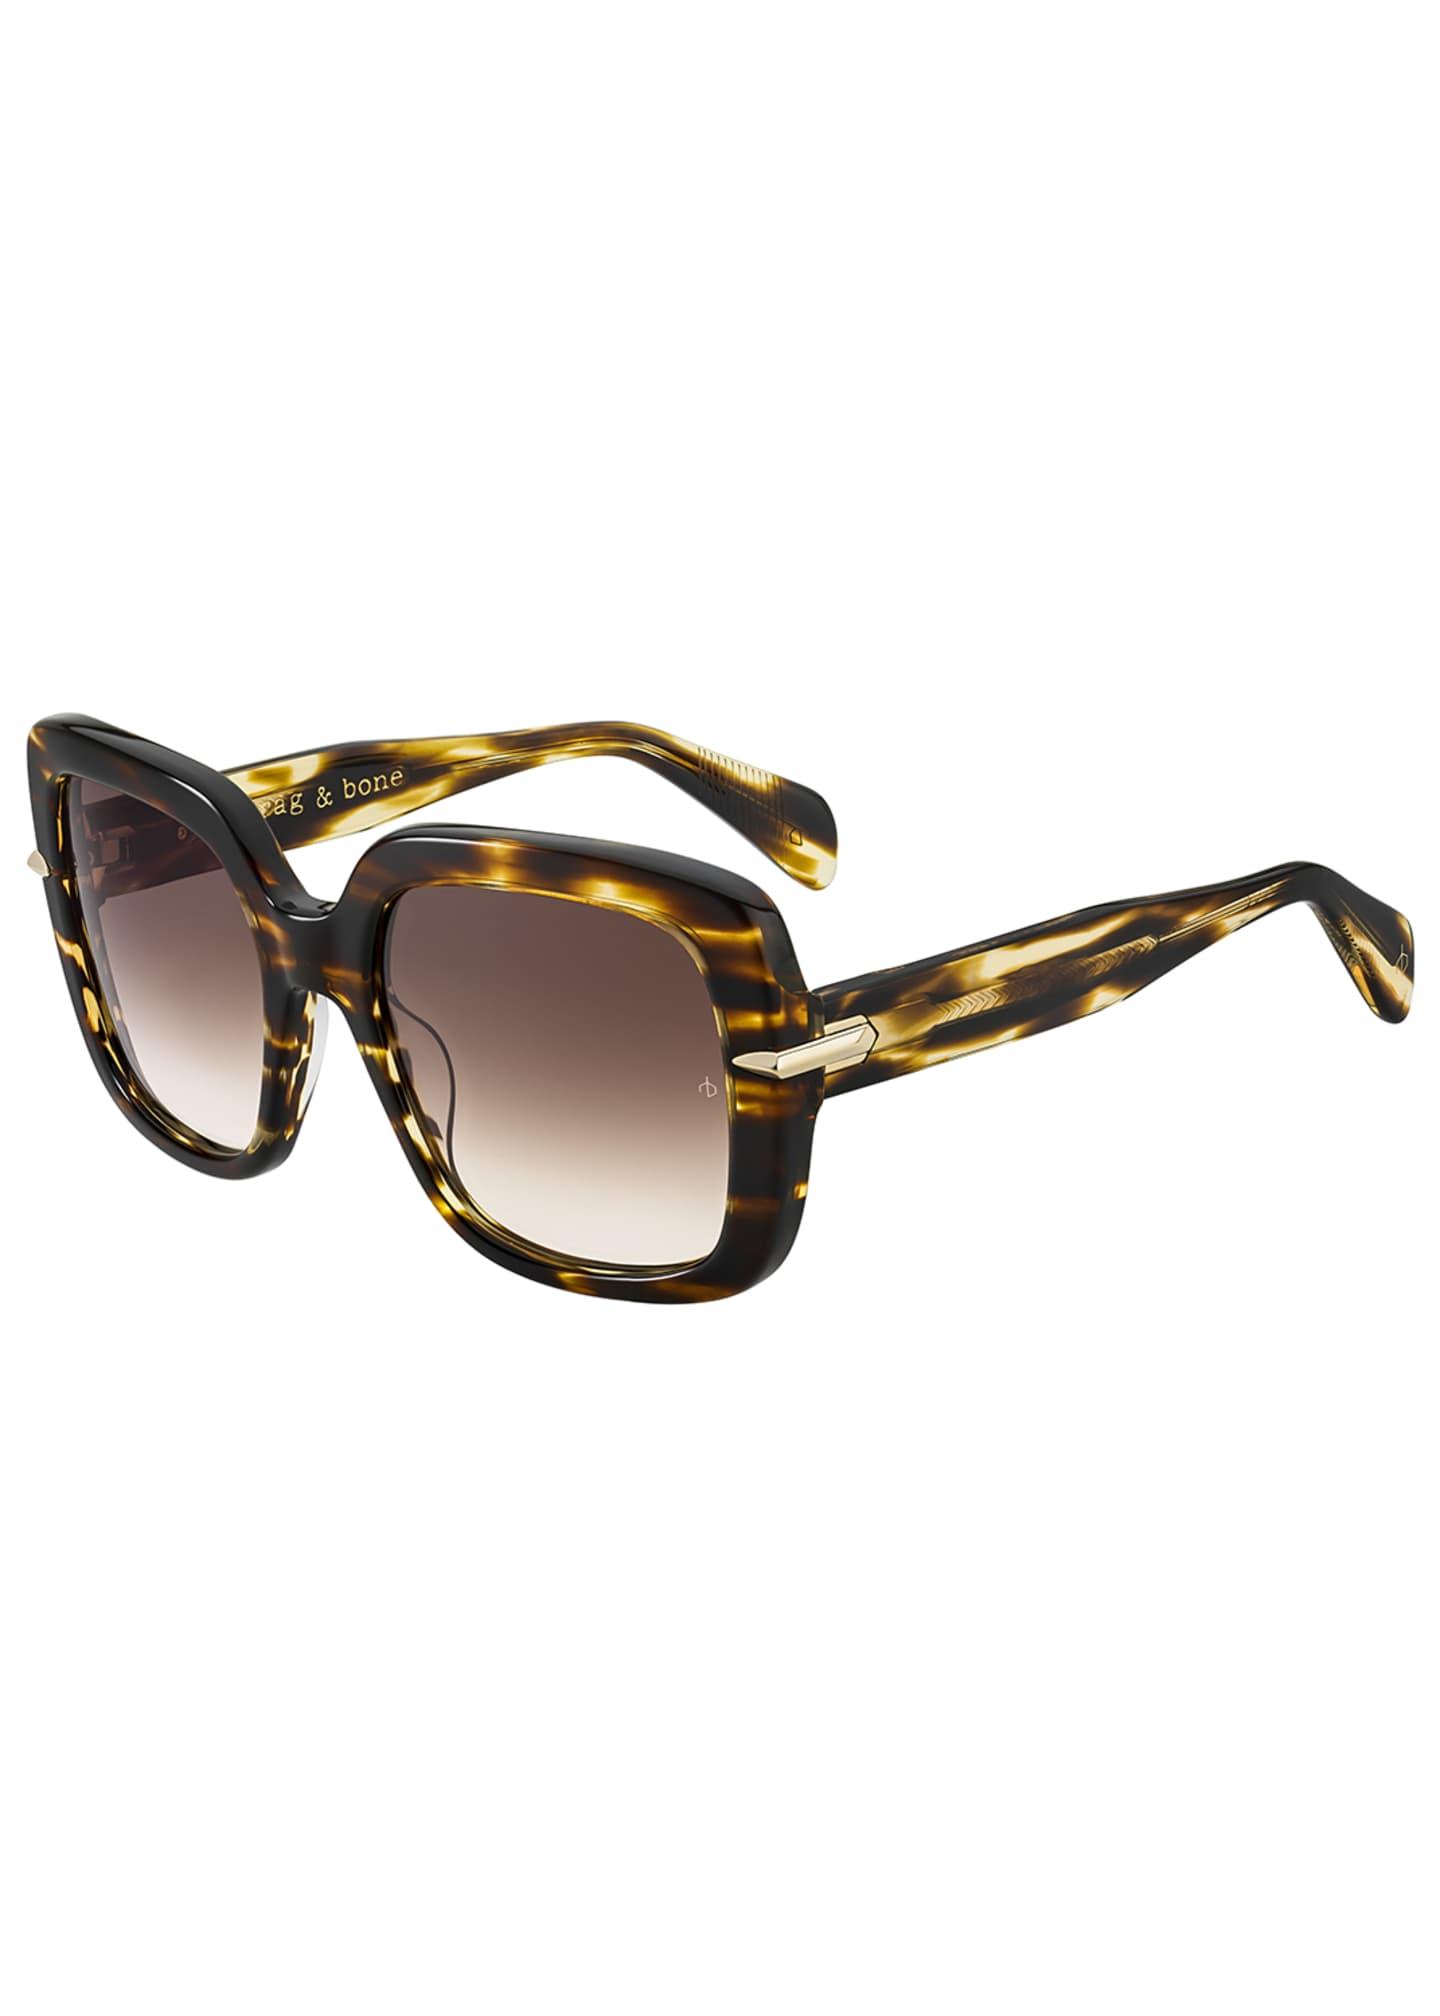 Rag & Bone Square Gradient Acetate Sunglasses w/